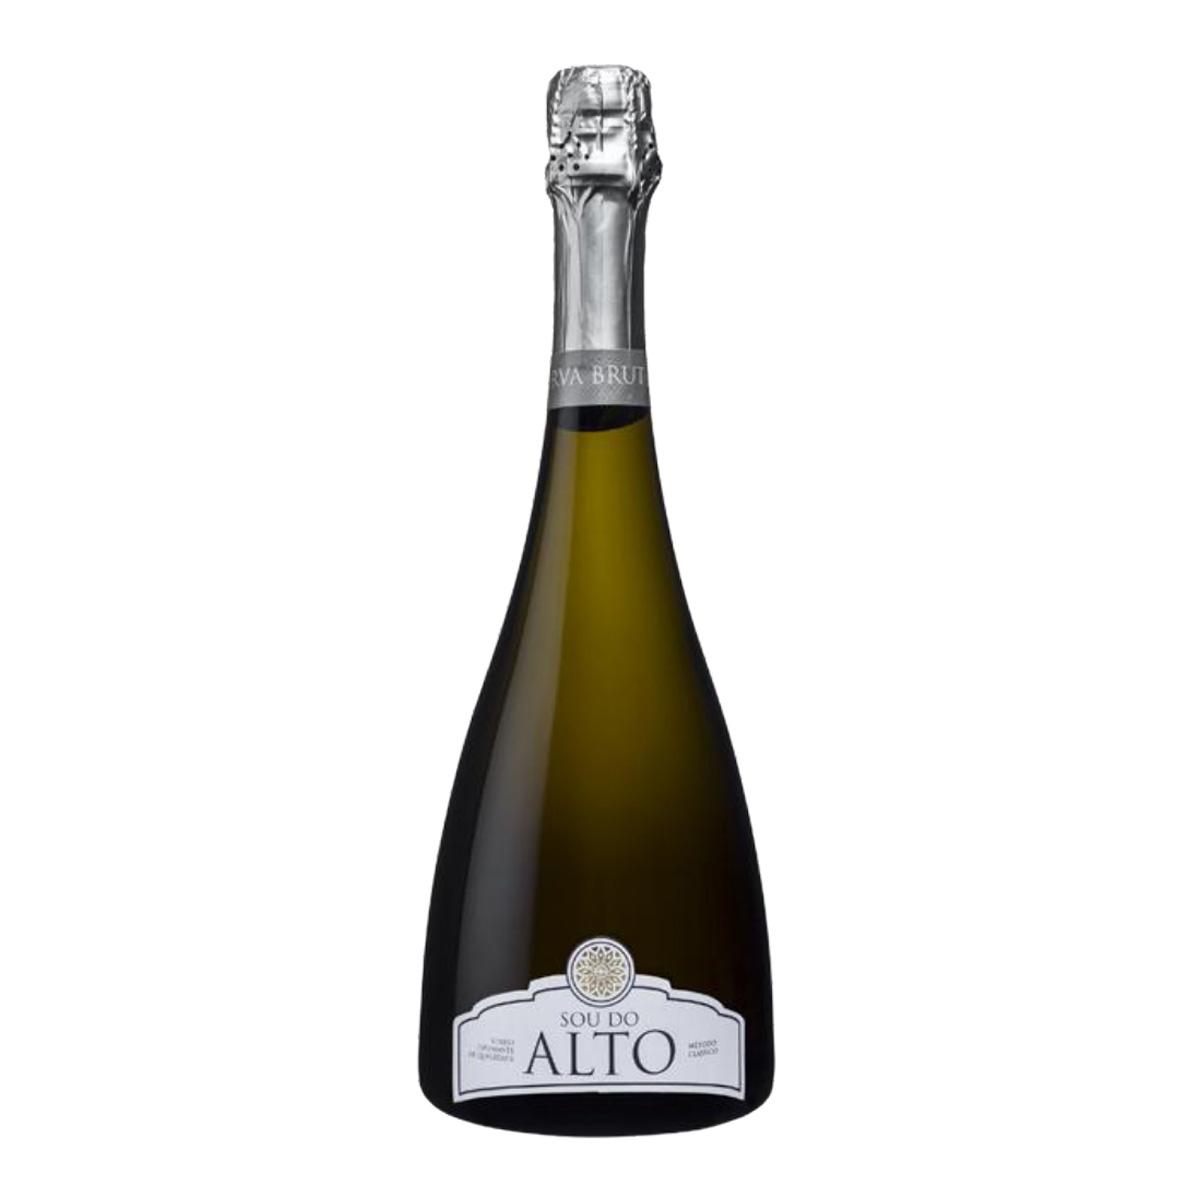 葡萄牙Sou do Alto Reserve Brut DOC干白葡萄酒